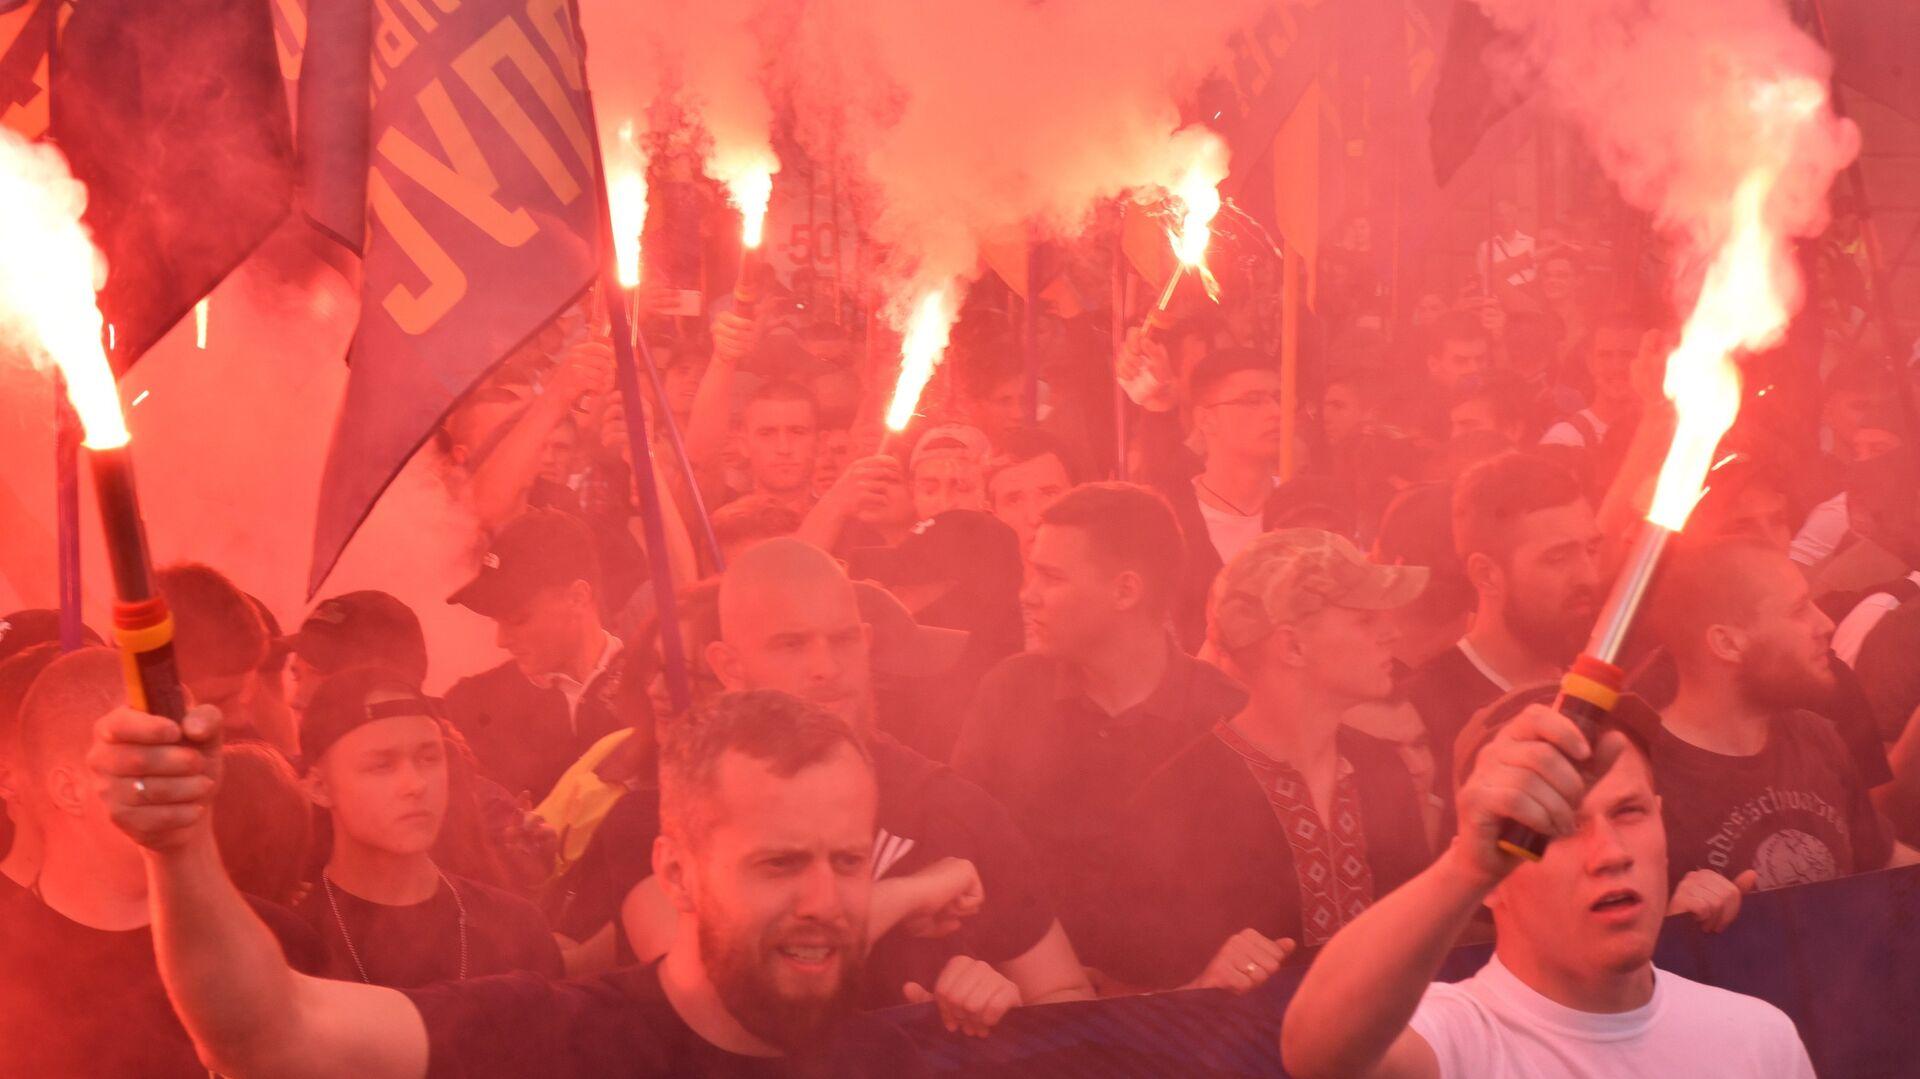 Участники факельного шествия националистов, приуроченного к четвёртой годовщине событий 2 мая 2014 года в Доме профсоюзов в Одессе. 2 мая 2018 - РИА Новости, 1920, 22.07.2021